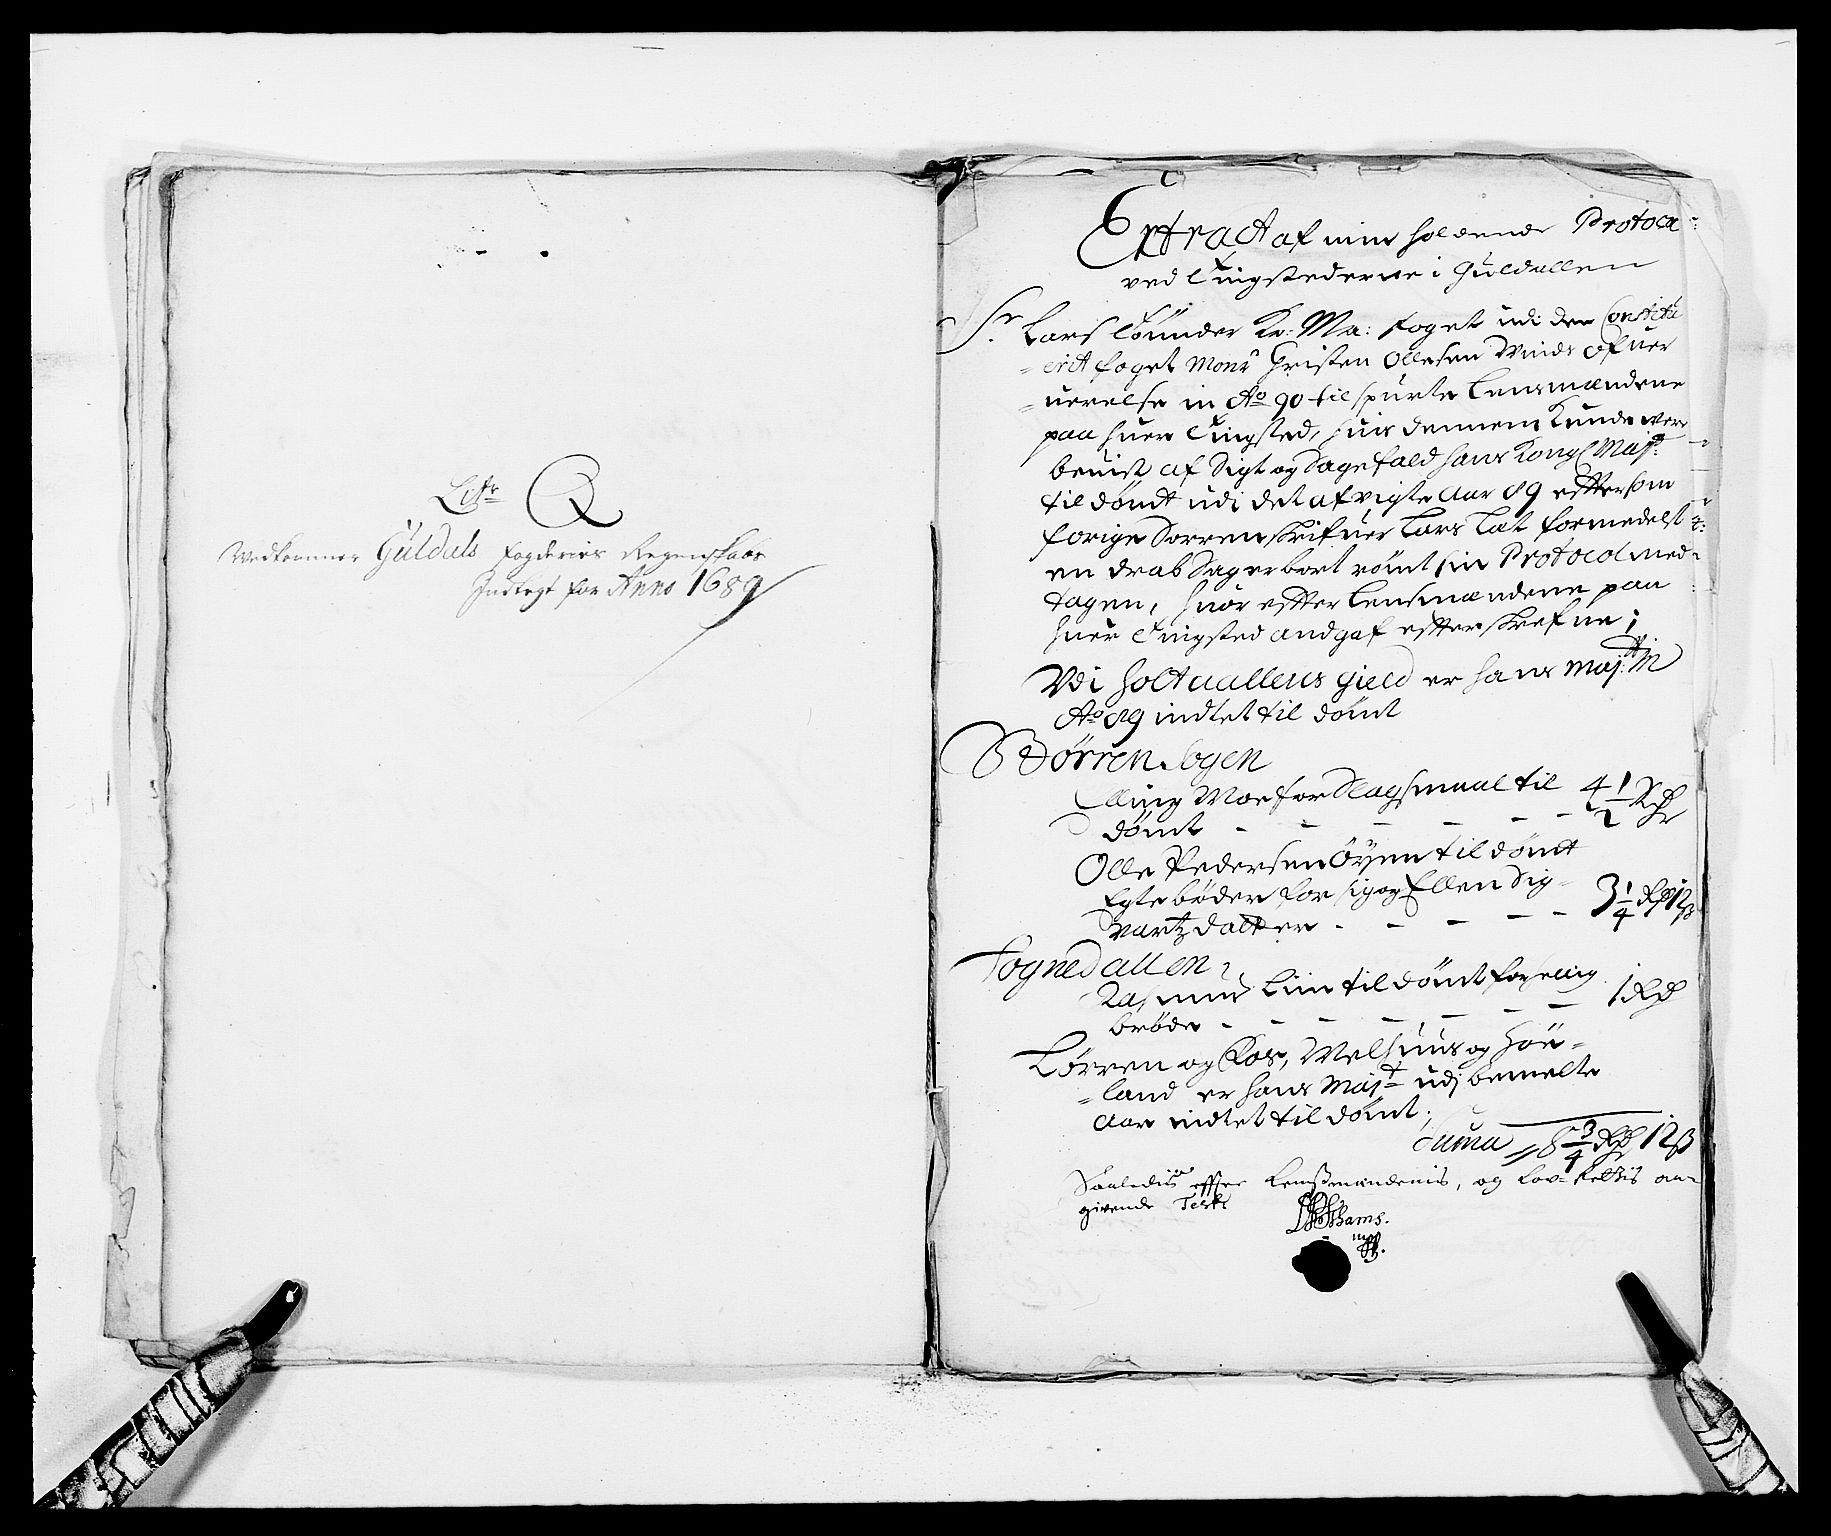 RA, Rentekammeret inntil 1814, Reviderte regnskaper, Fogderegnskap, R59/L3940: Fogderegnskap Gauldal, 1689-1690, s. 151